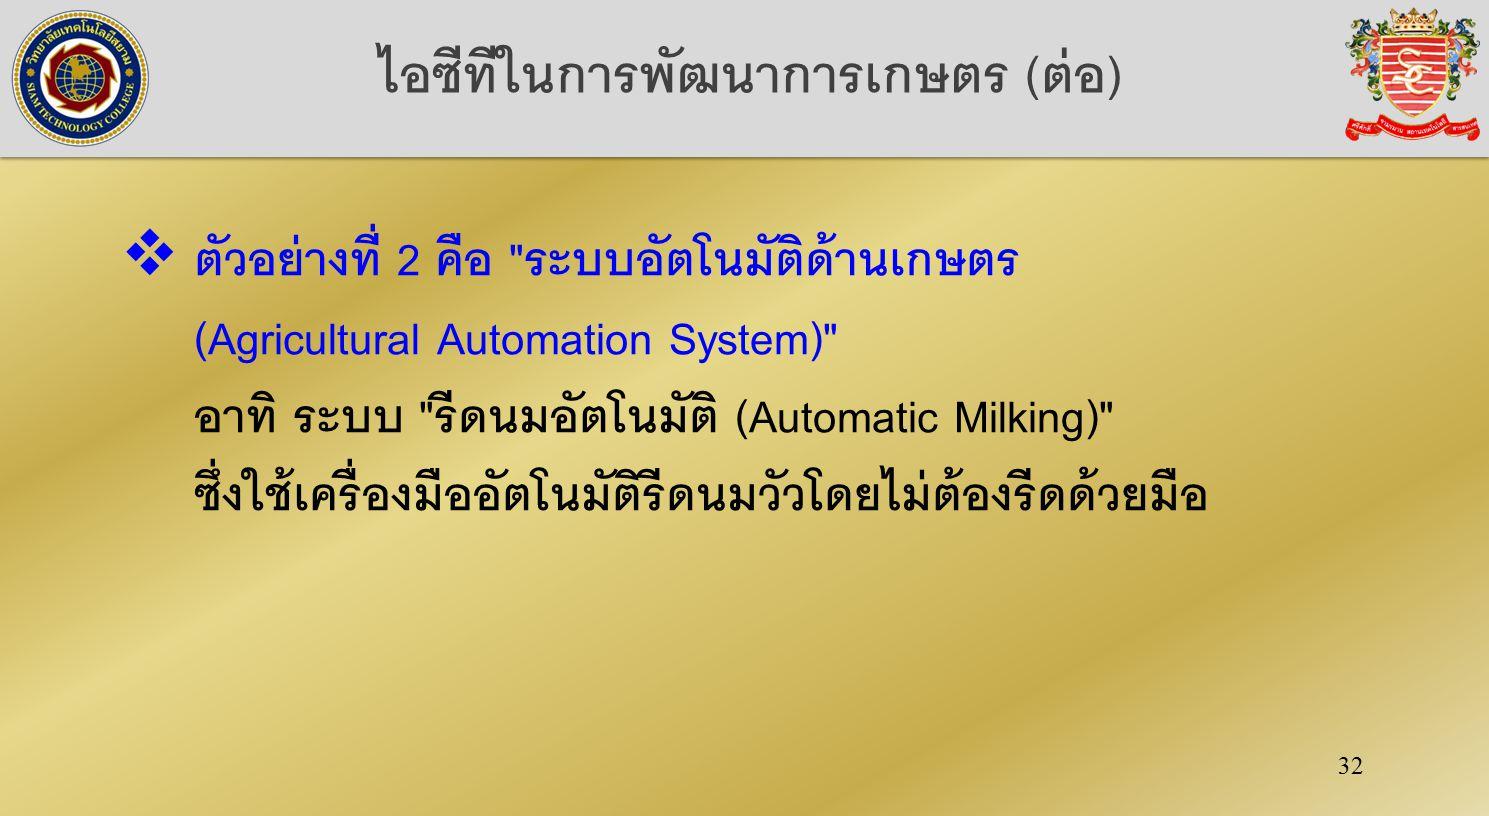 32 ไอซีทีในการพัฒนาการเกษตร (ต่อ)  ตัวอย่างที่ 2 คือ ระบบอัตโนมัติด้านเกษตร (Agricultural Automation System) อาทิ ระบบ รีดนมอัตโนมัติ (Automatic Milking) ซึ่งใช้เครื่องมืออัตโนมัติรีดนมวัวโดยไม่ต้องรีดด้วยมือ